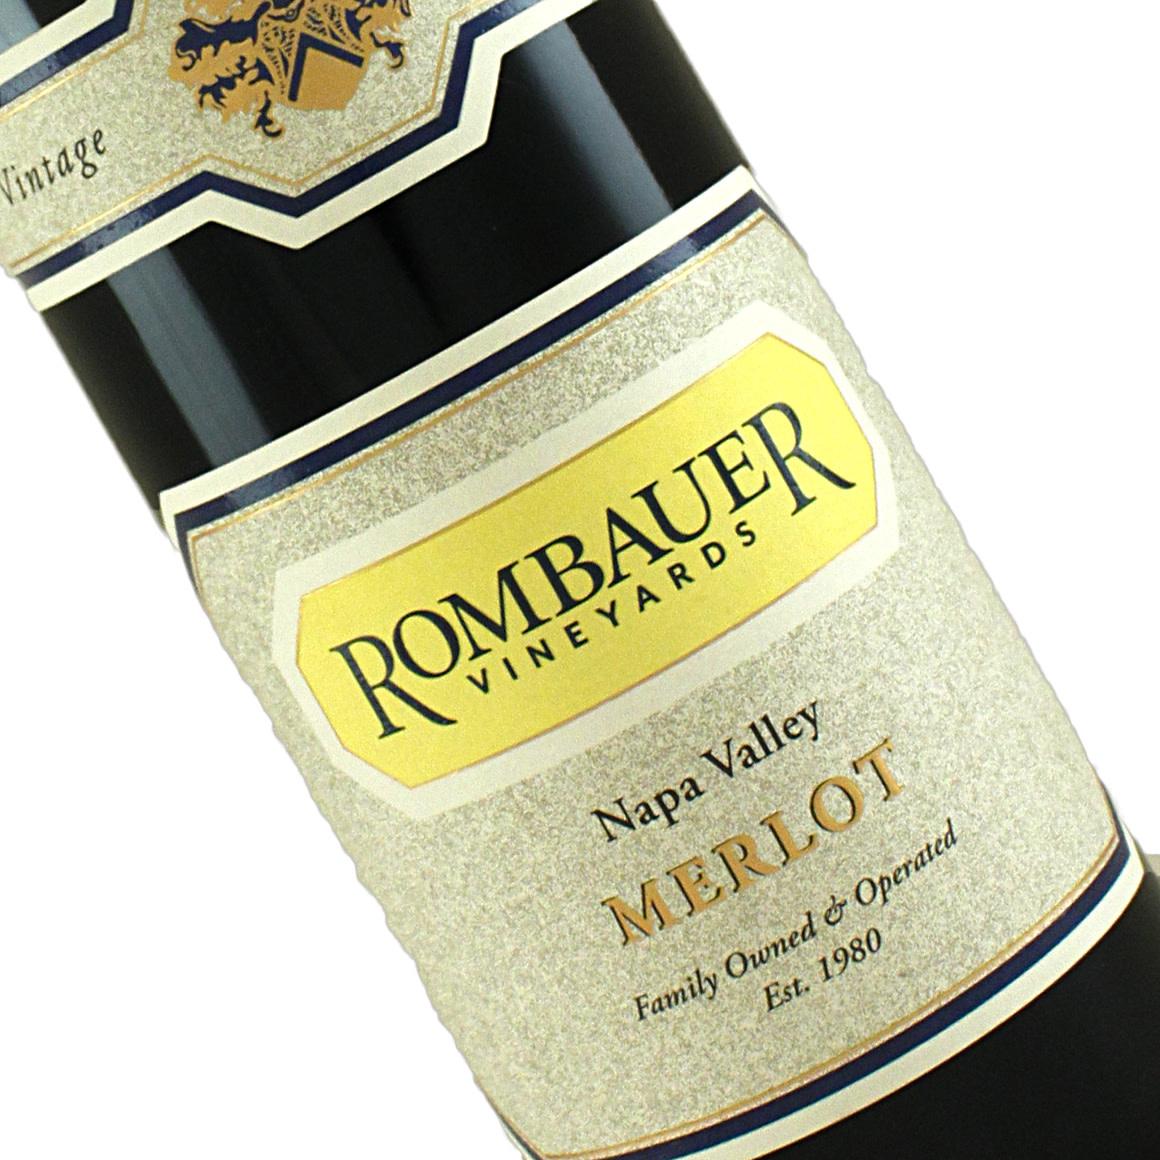 Rombauer 2017 Merlot, Carneros